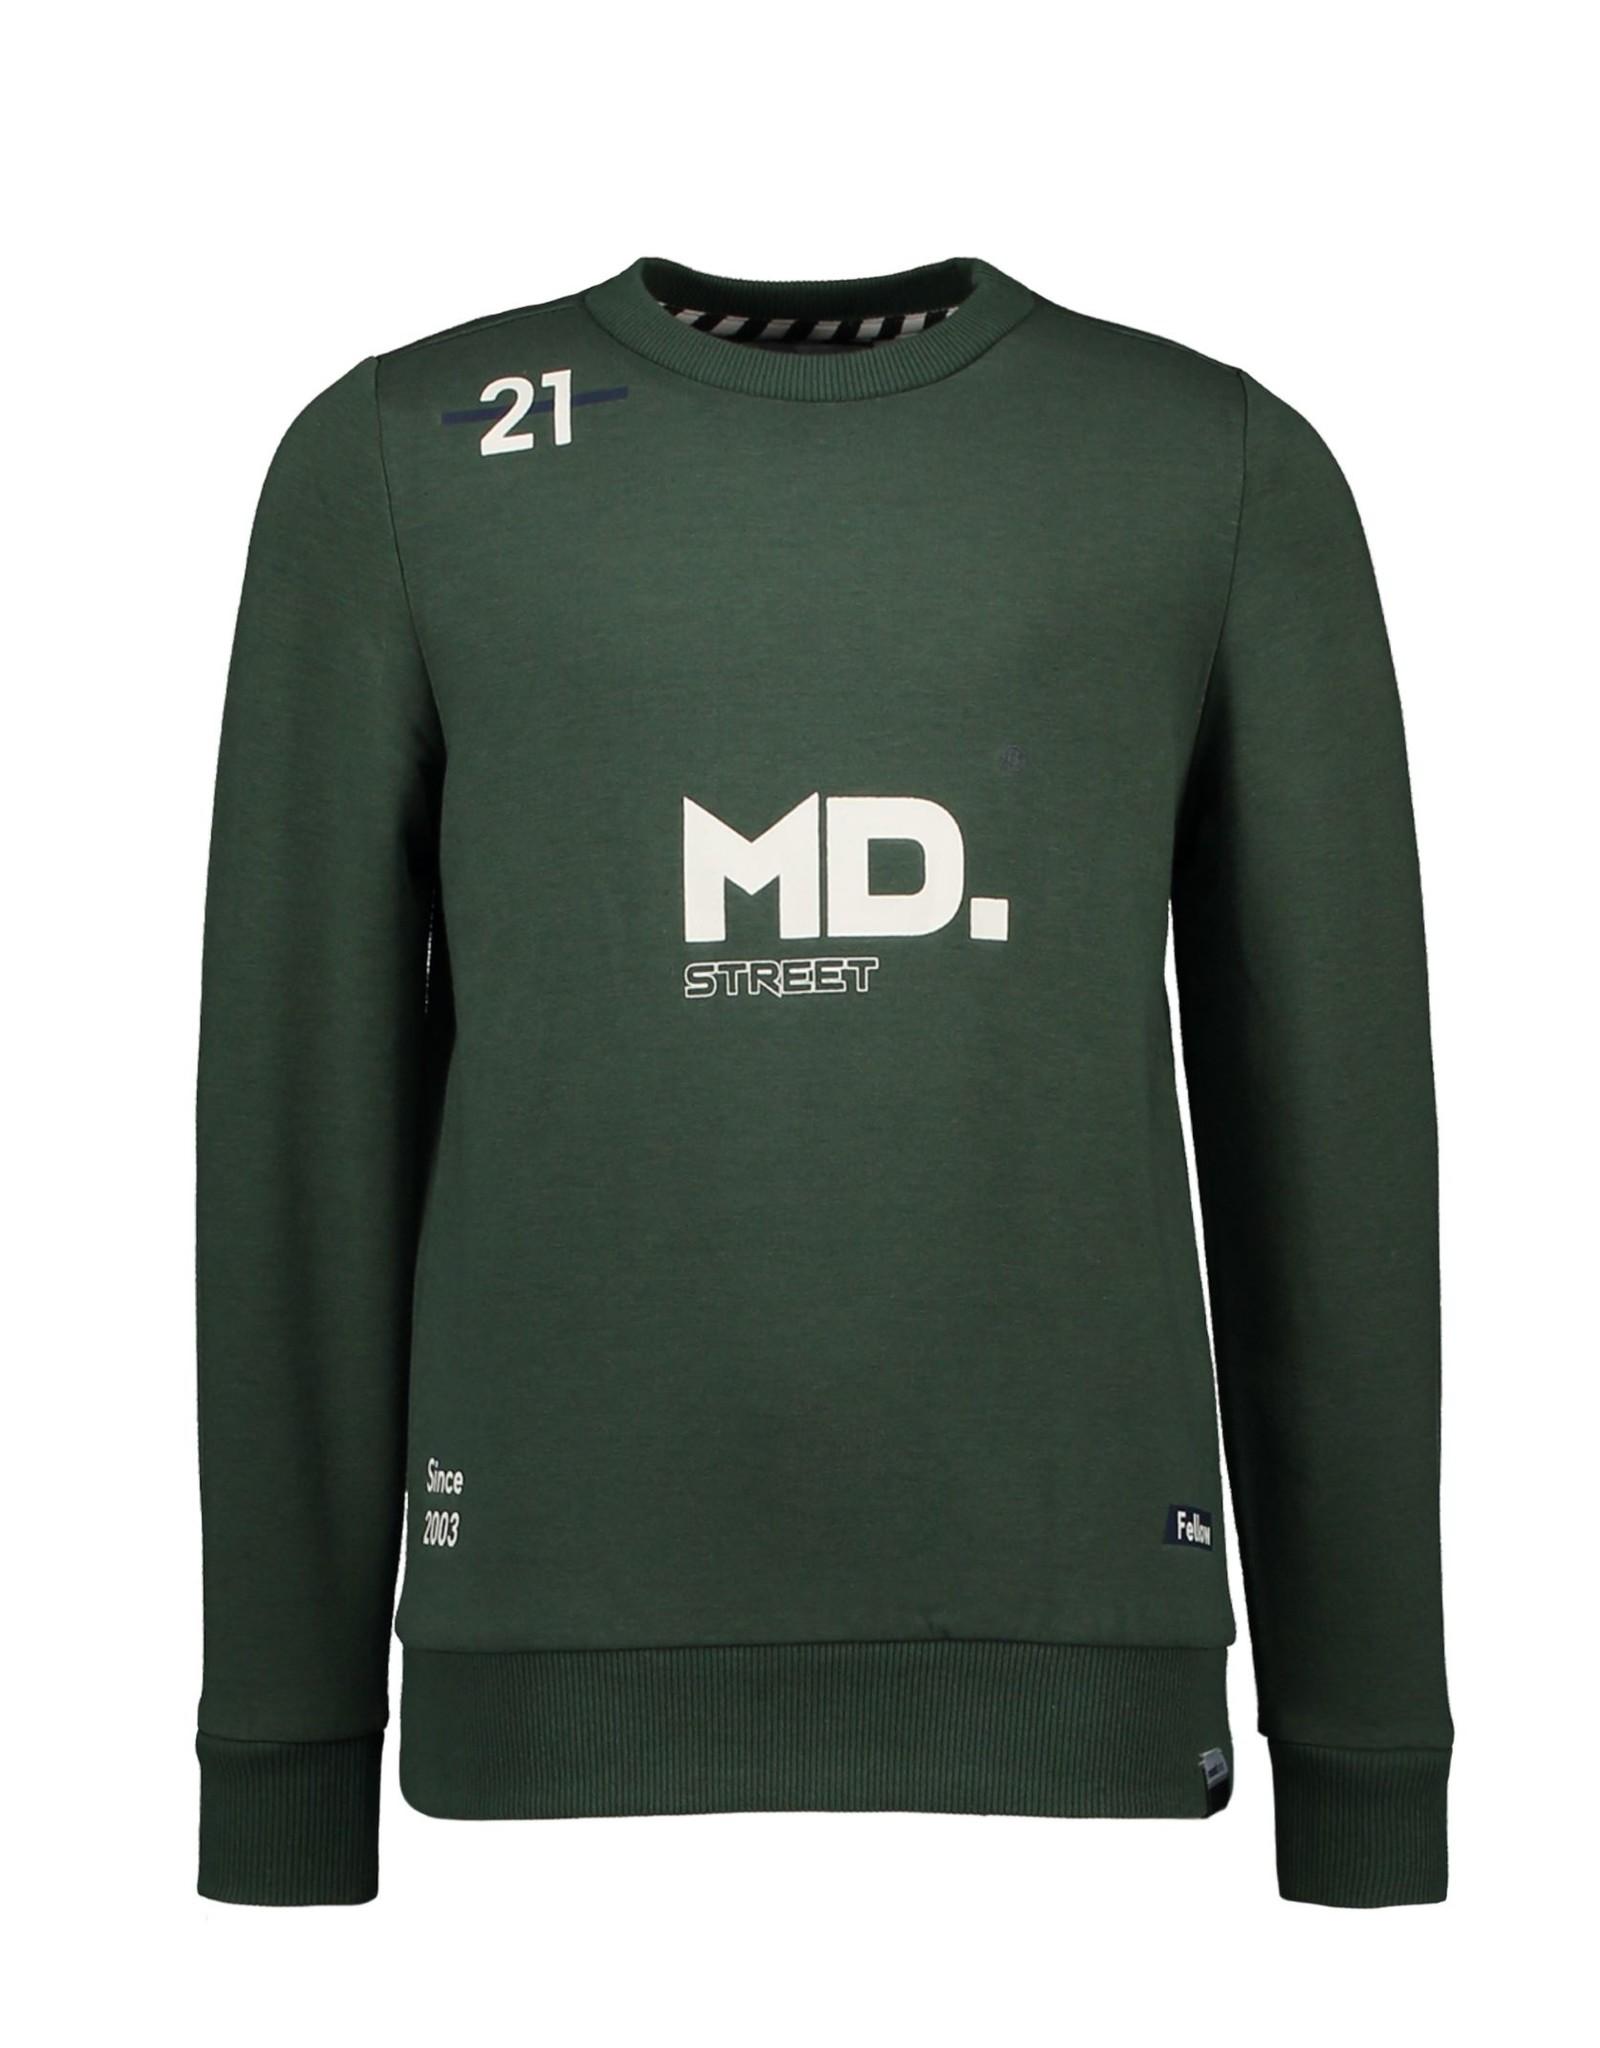 Moodstreet Moodstreet sweater 6383 forest